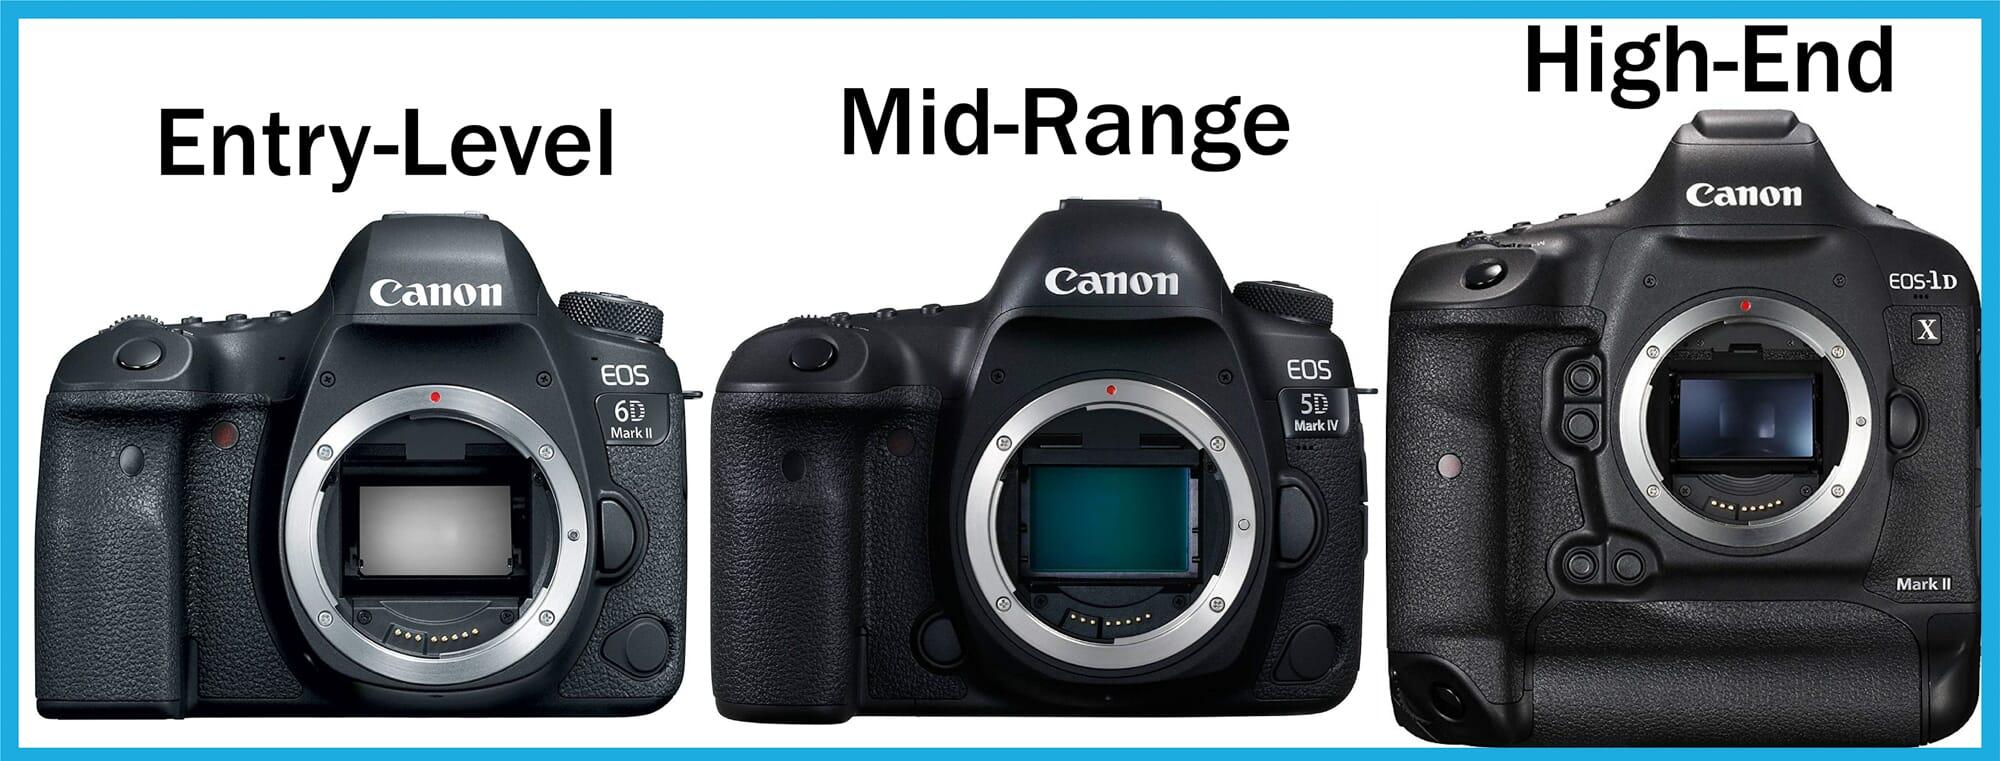 Best Full Frame Camera Canon ranges